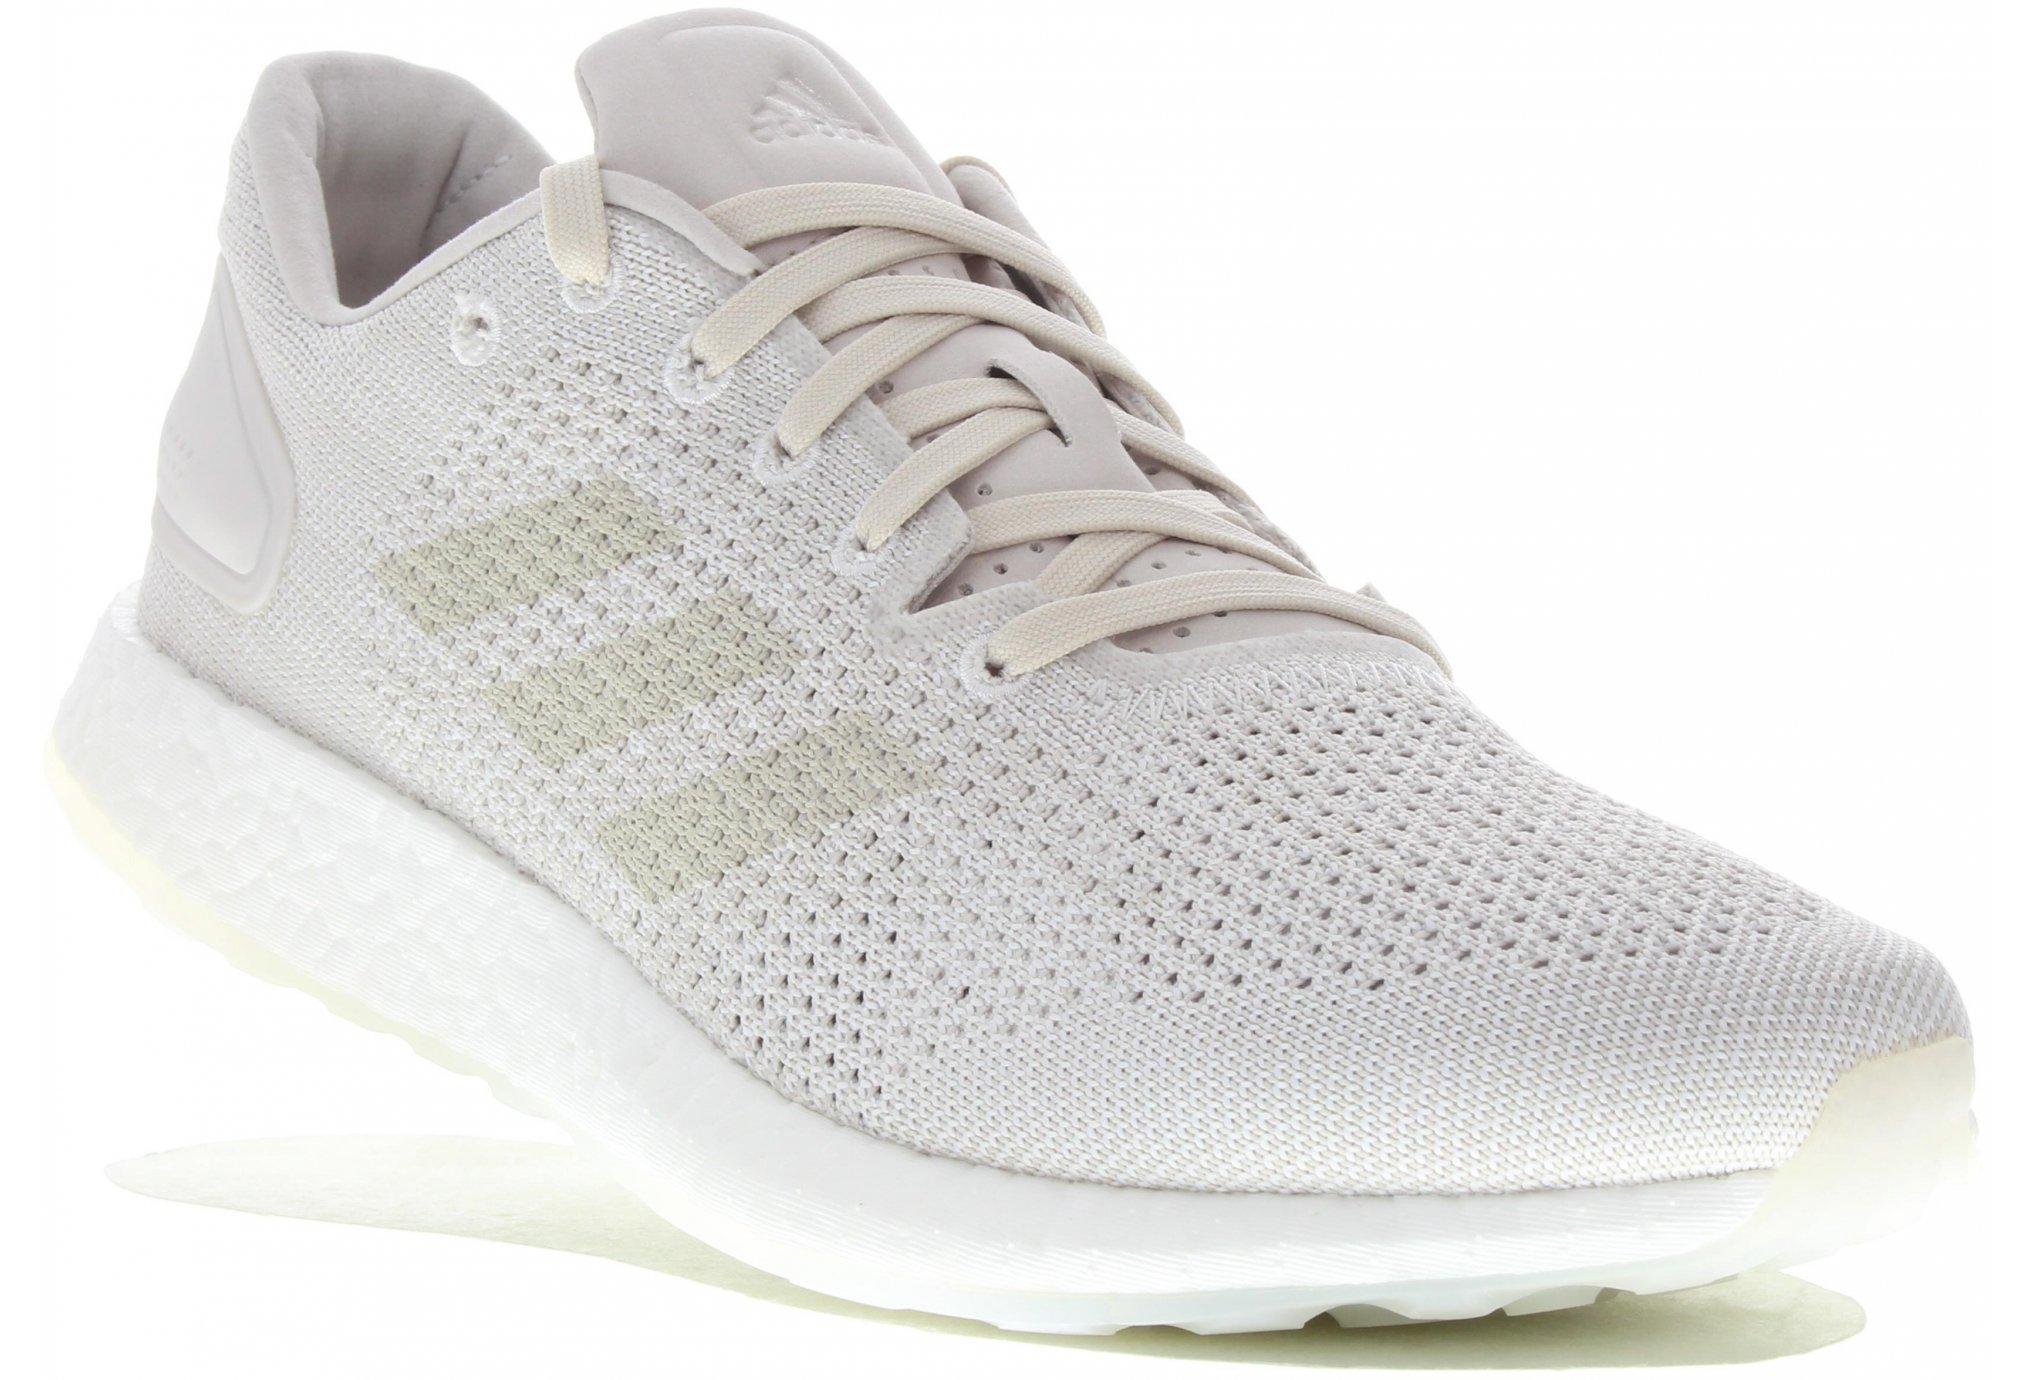 Adidas Pureboost dpr m chaussures homme